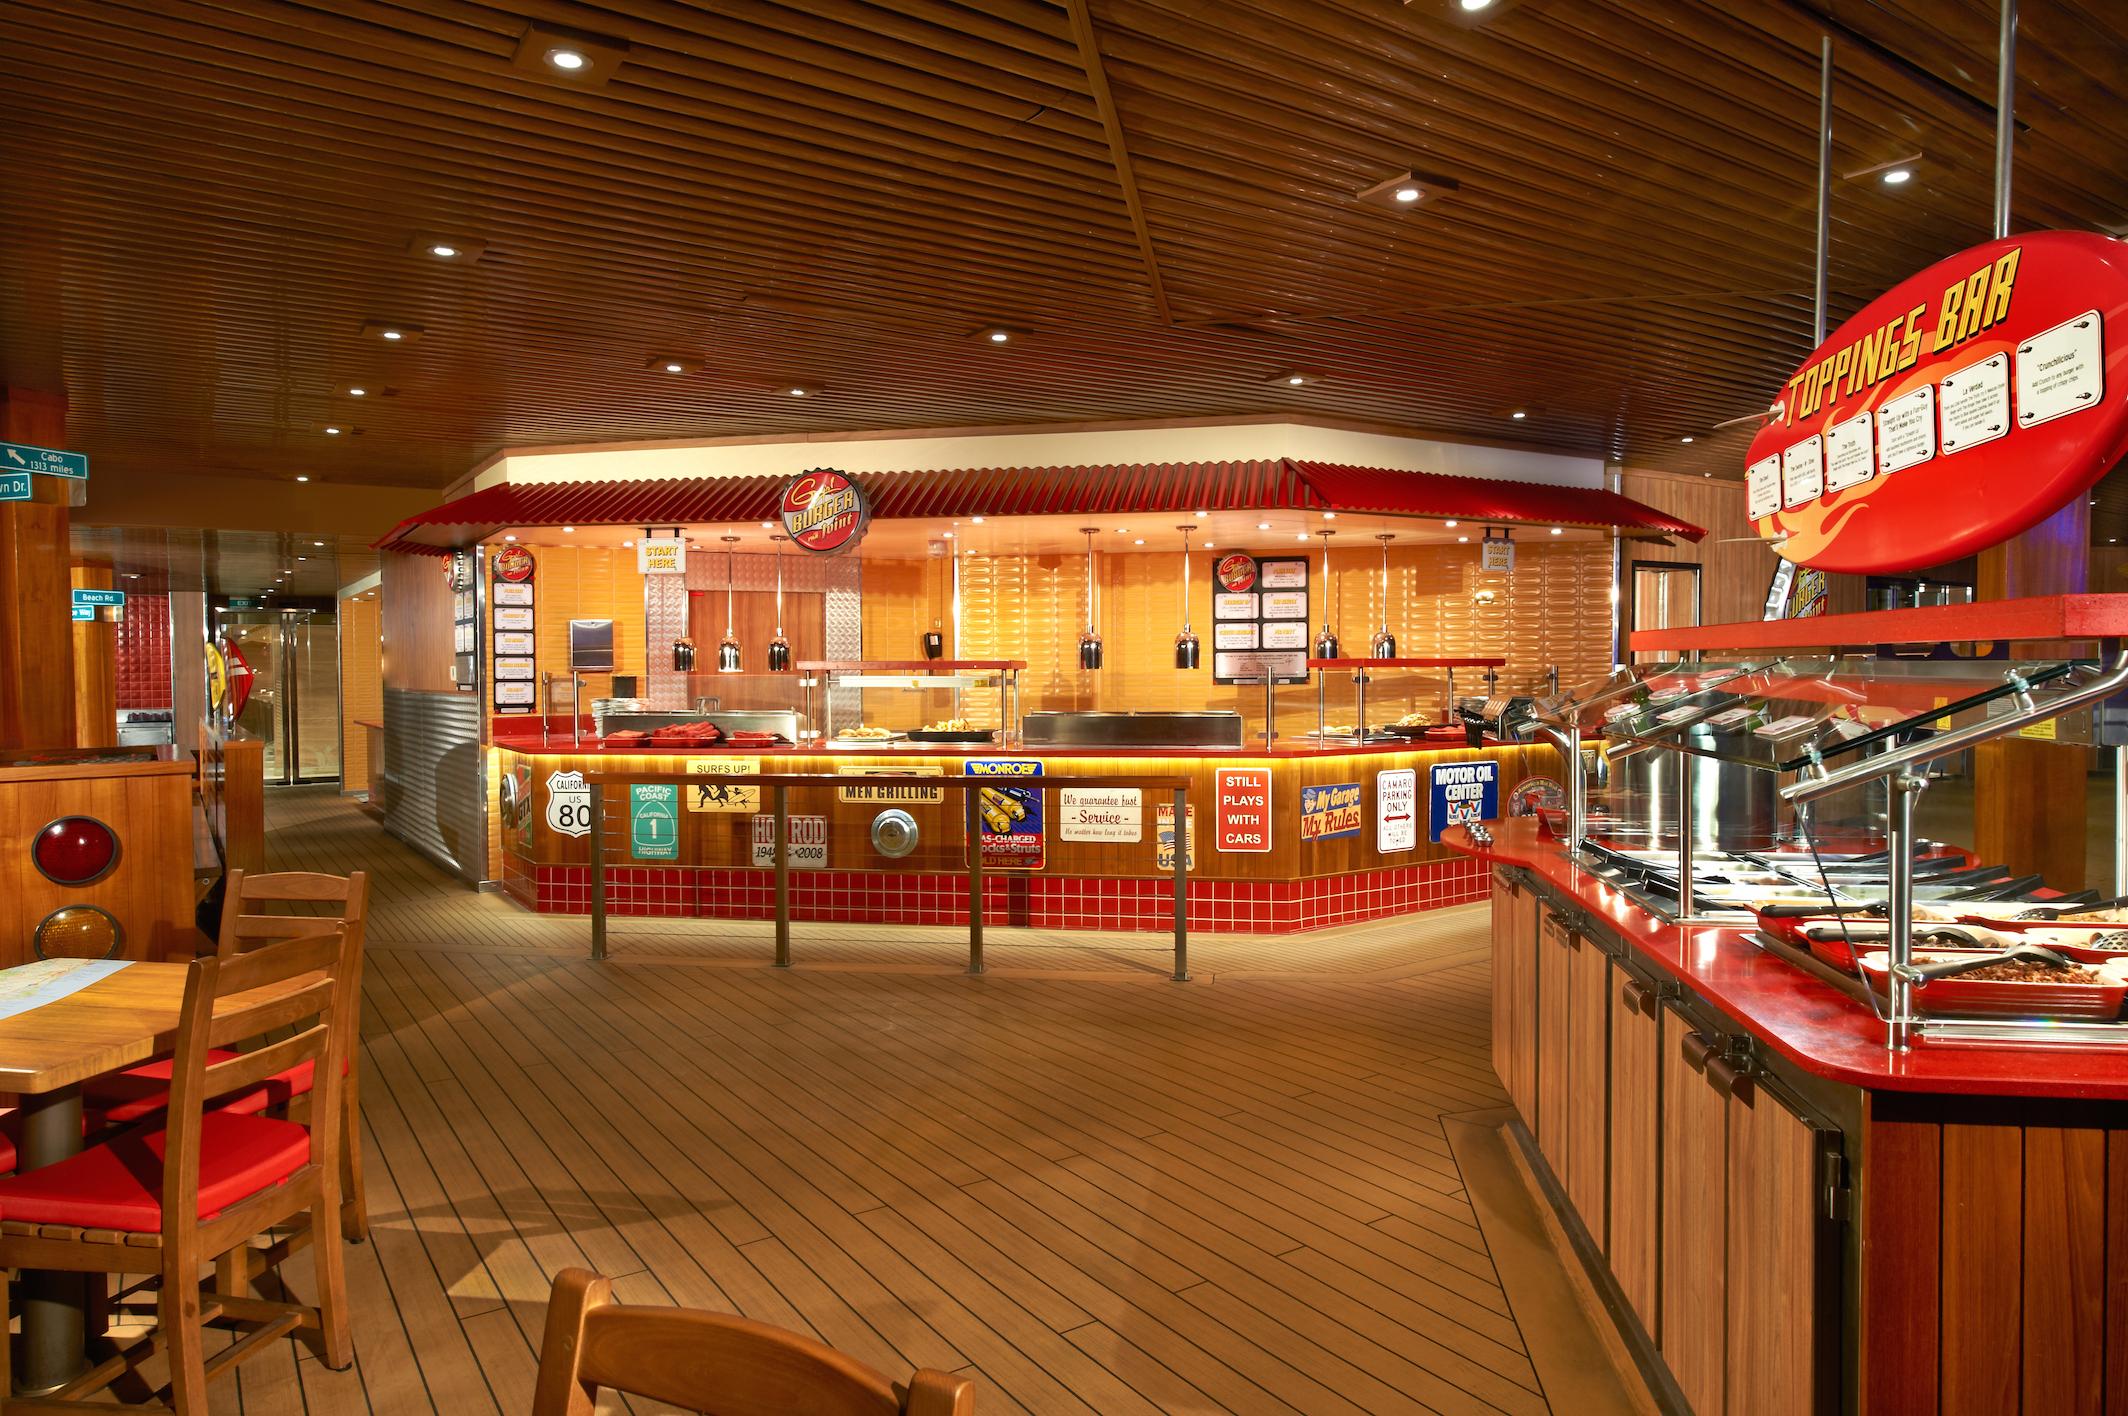 Carnival Sunshine Guys Burger Joint 1.jpg